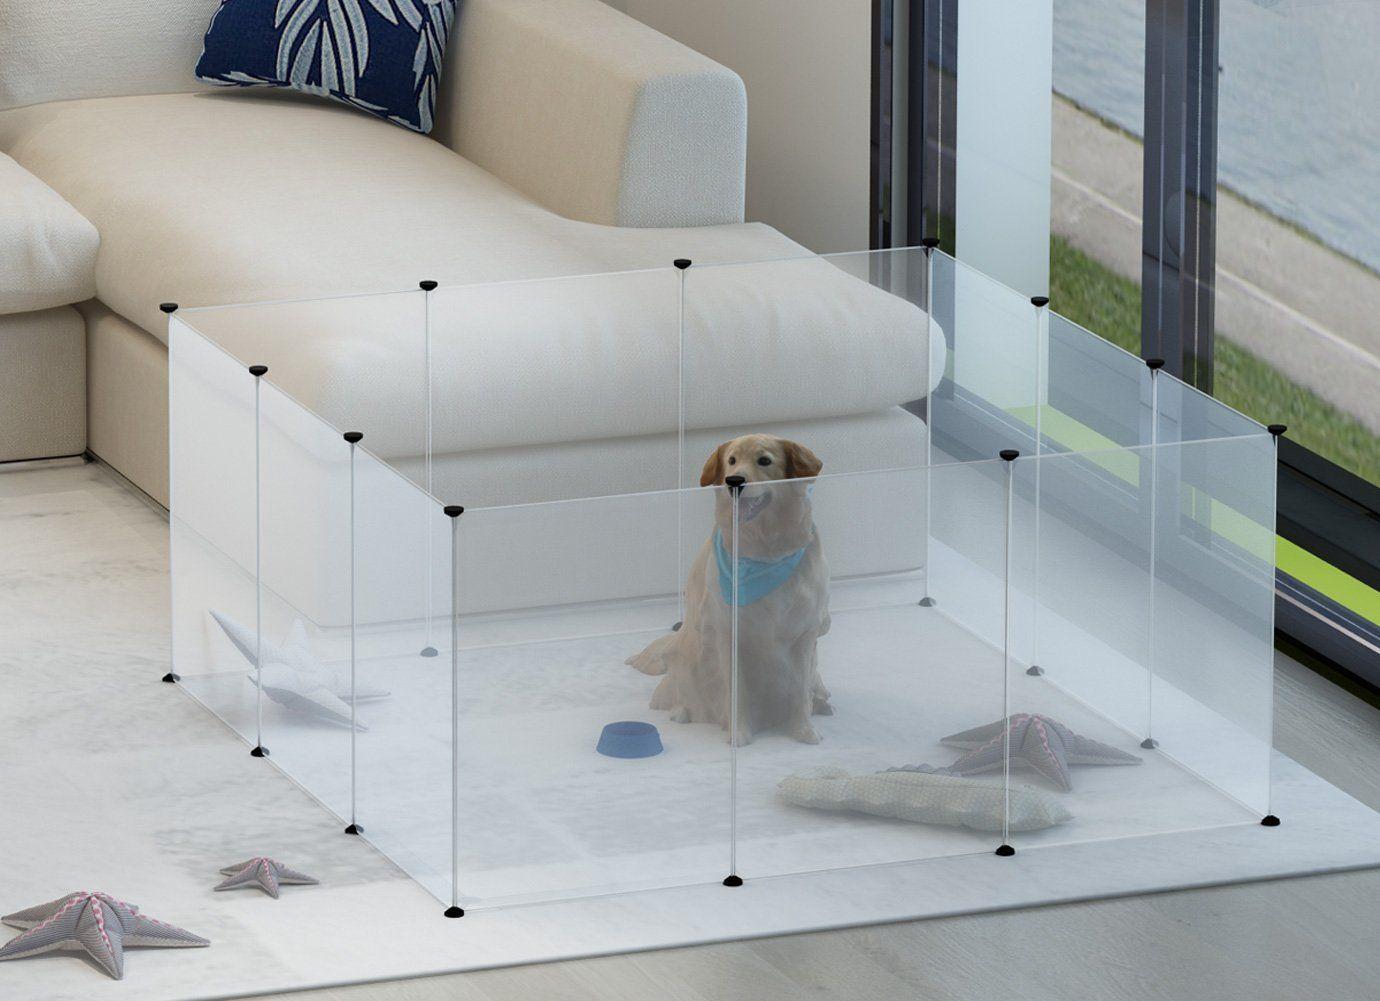 Amazon.com: Tespo Dog Playpen, Portable Large Plastic Yard Fence for ...